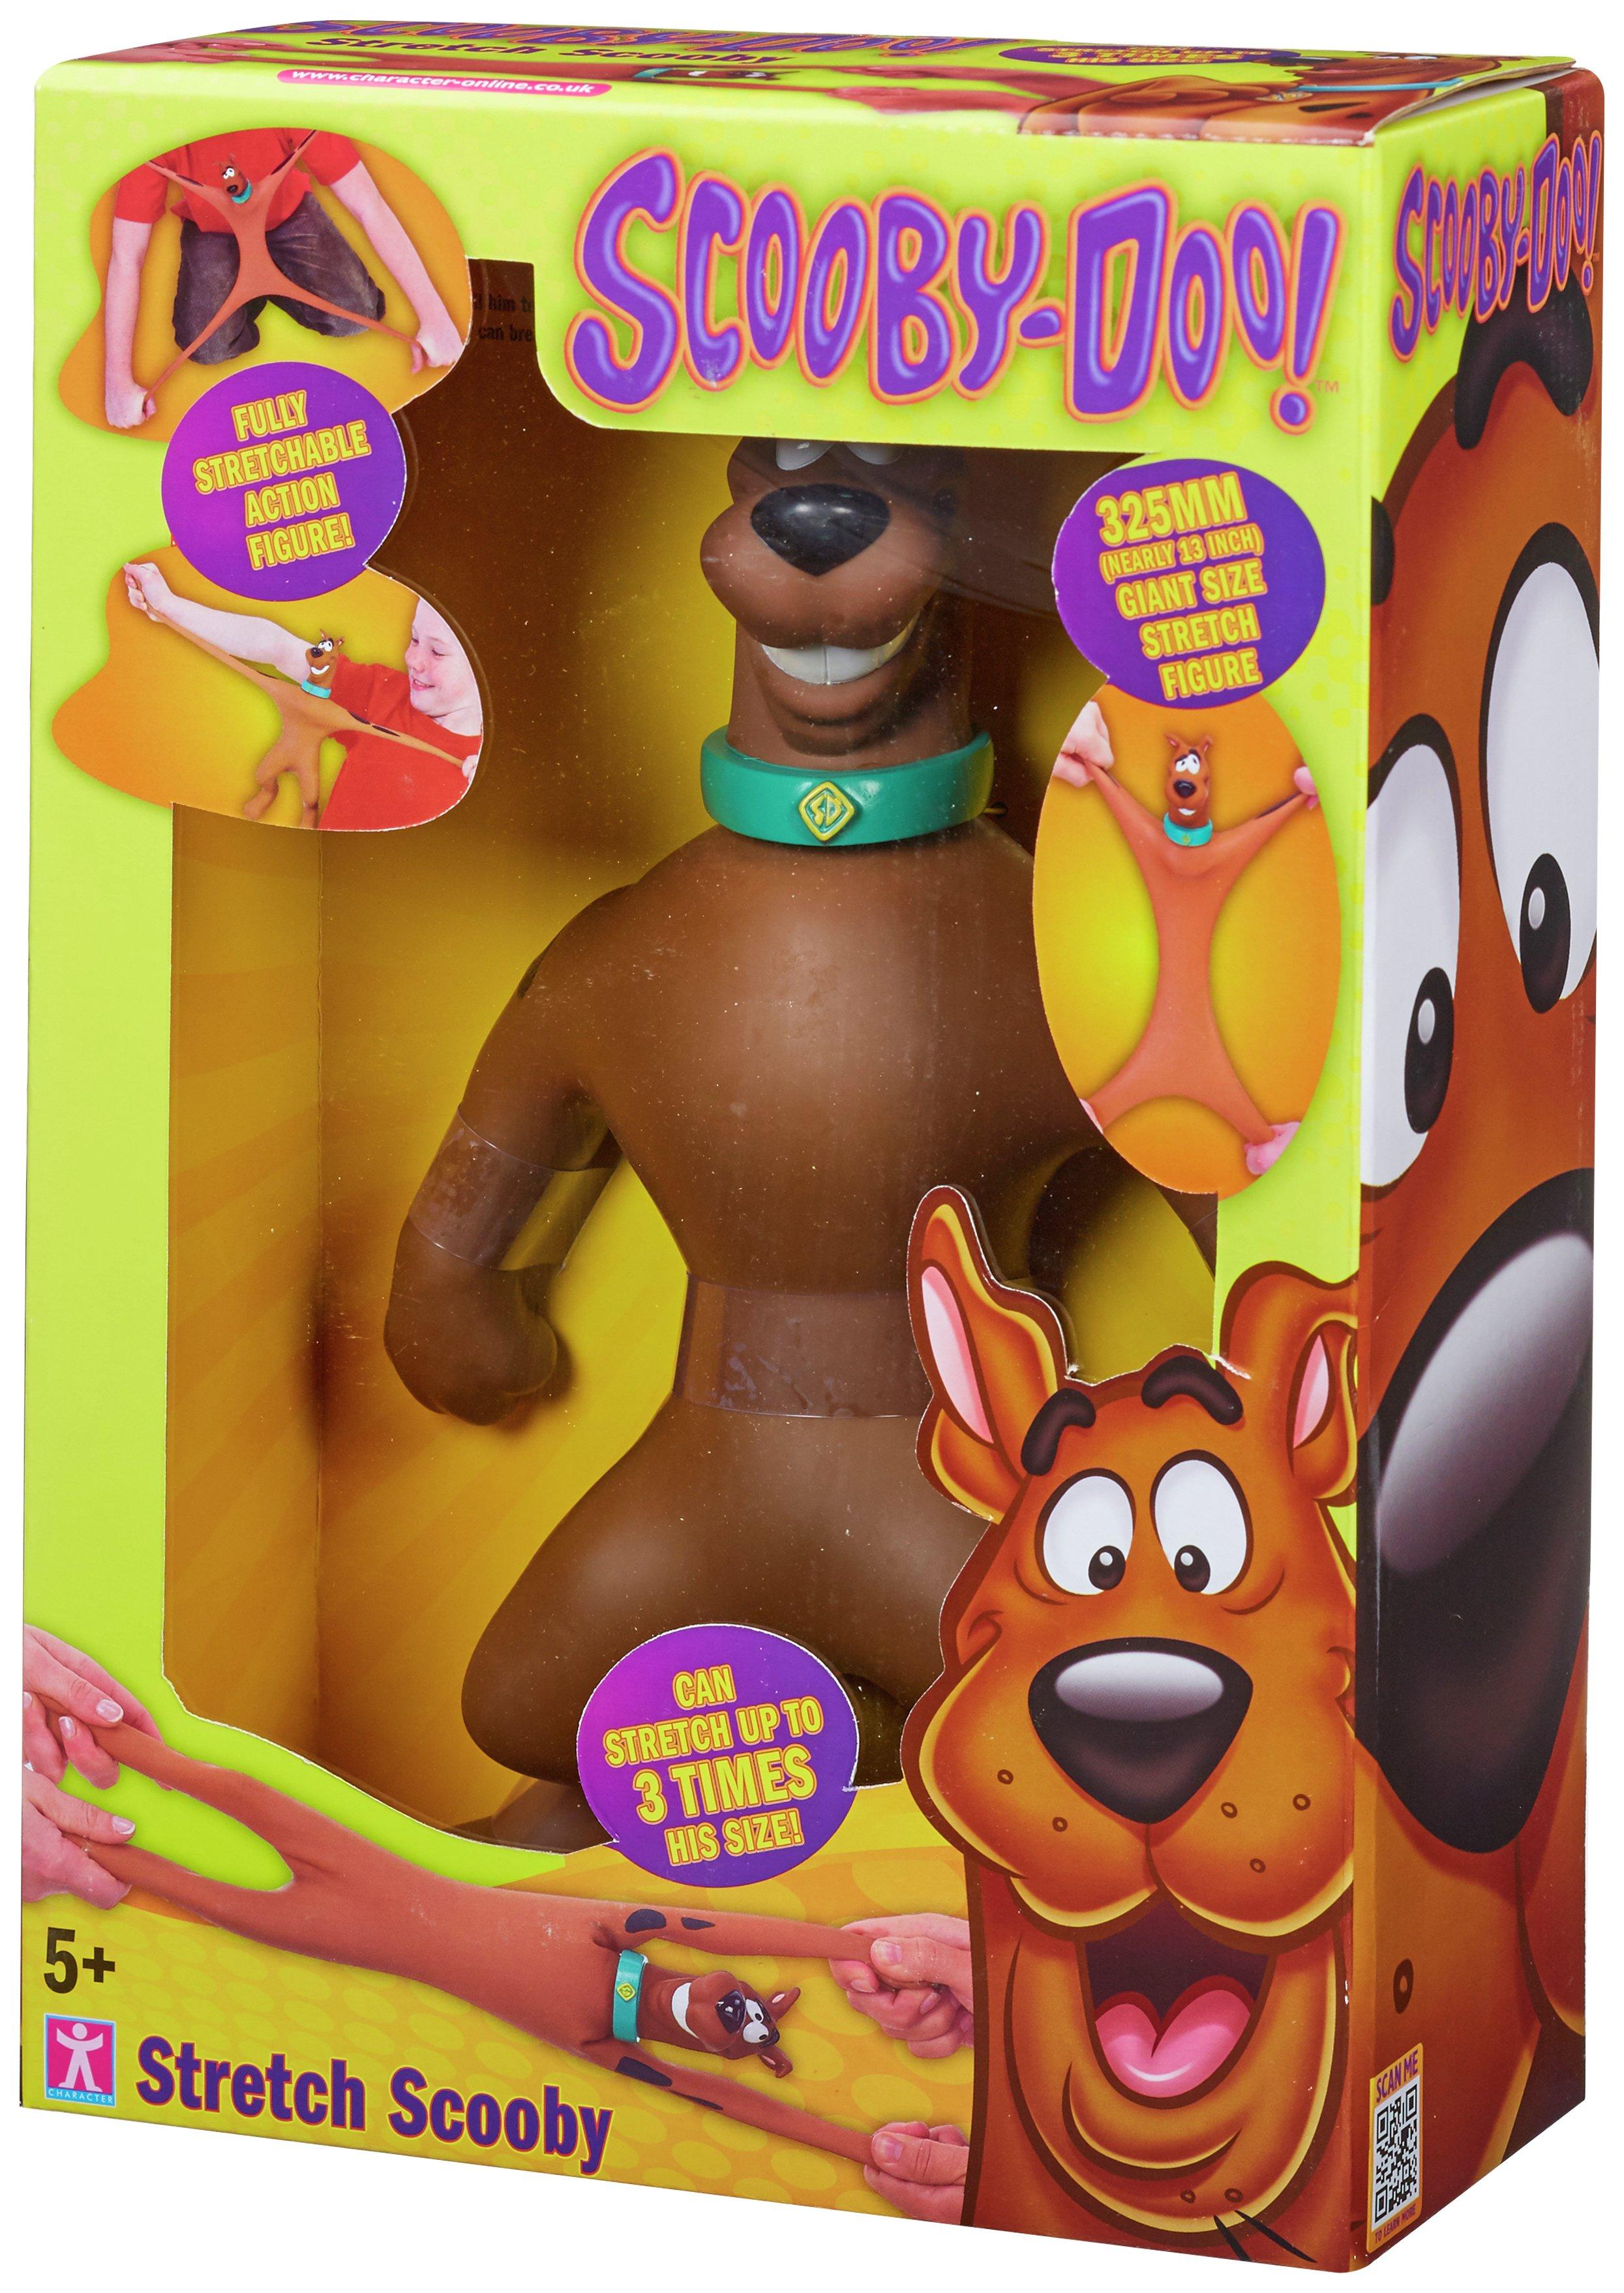 Scooby Doo Stretch Scooby